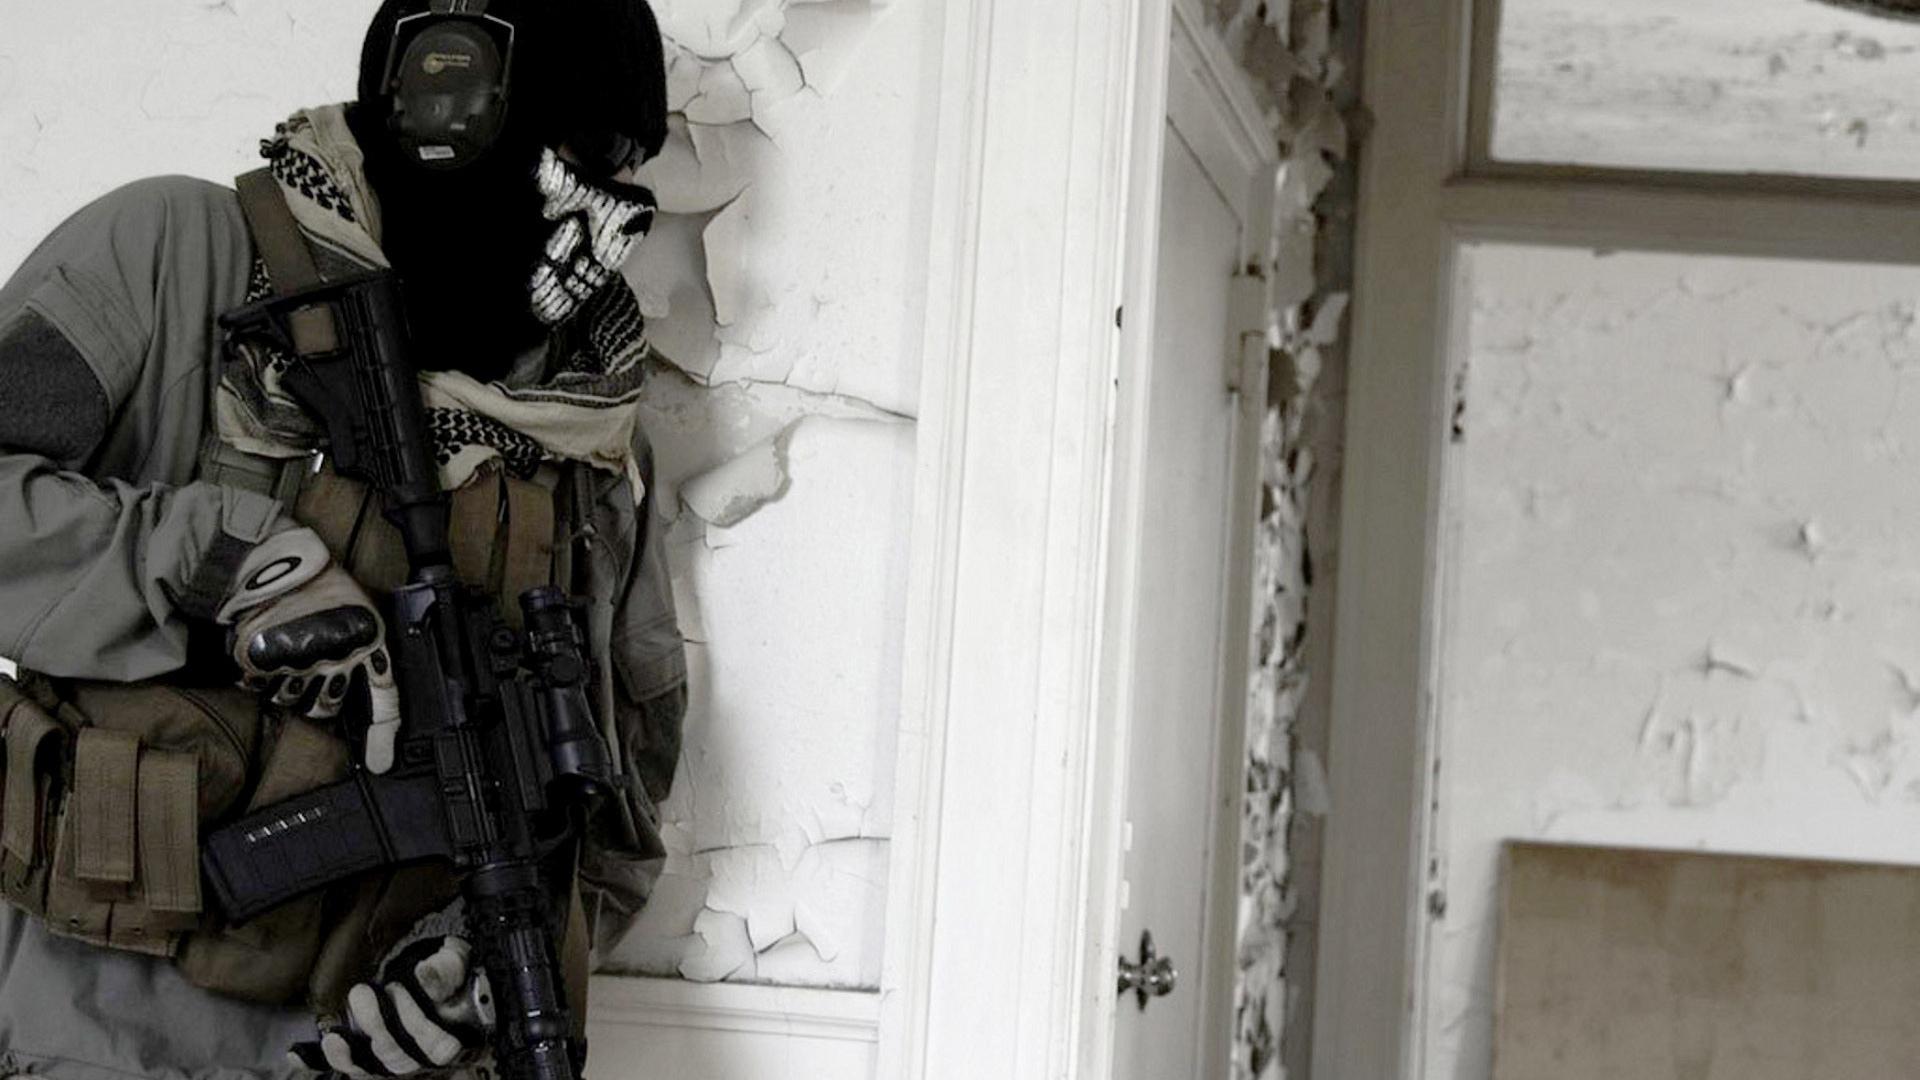 спецназ в крутых масках фото было еще